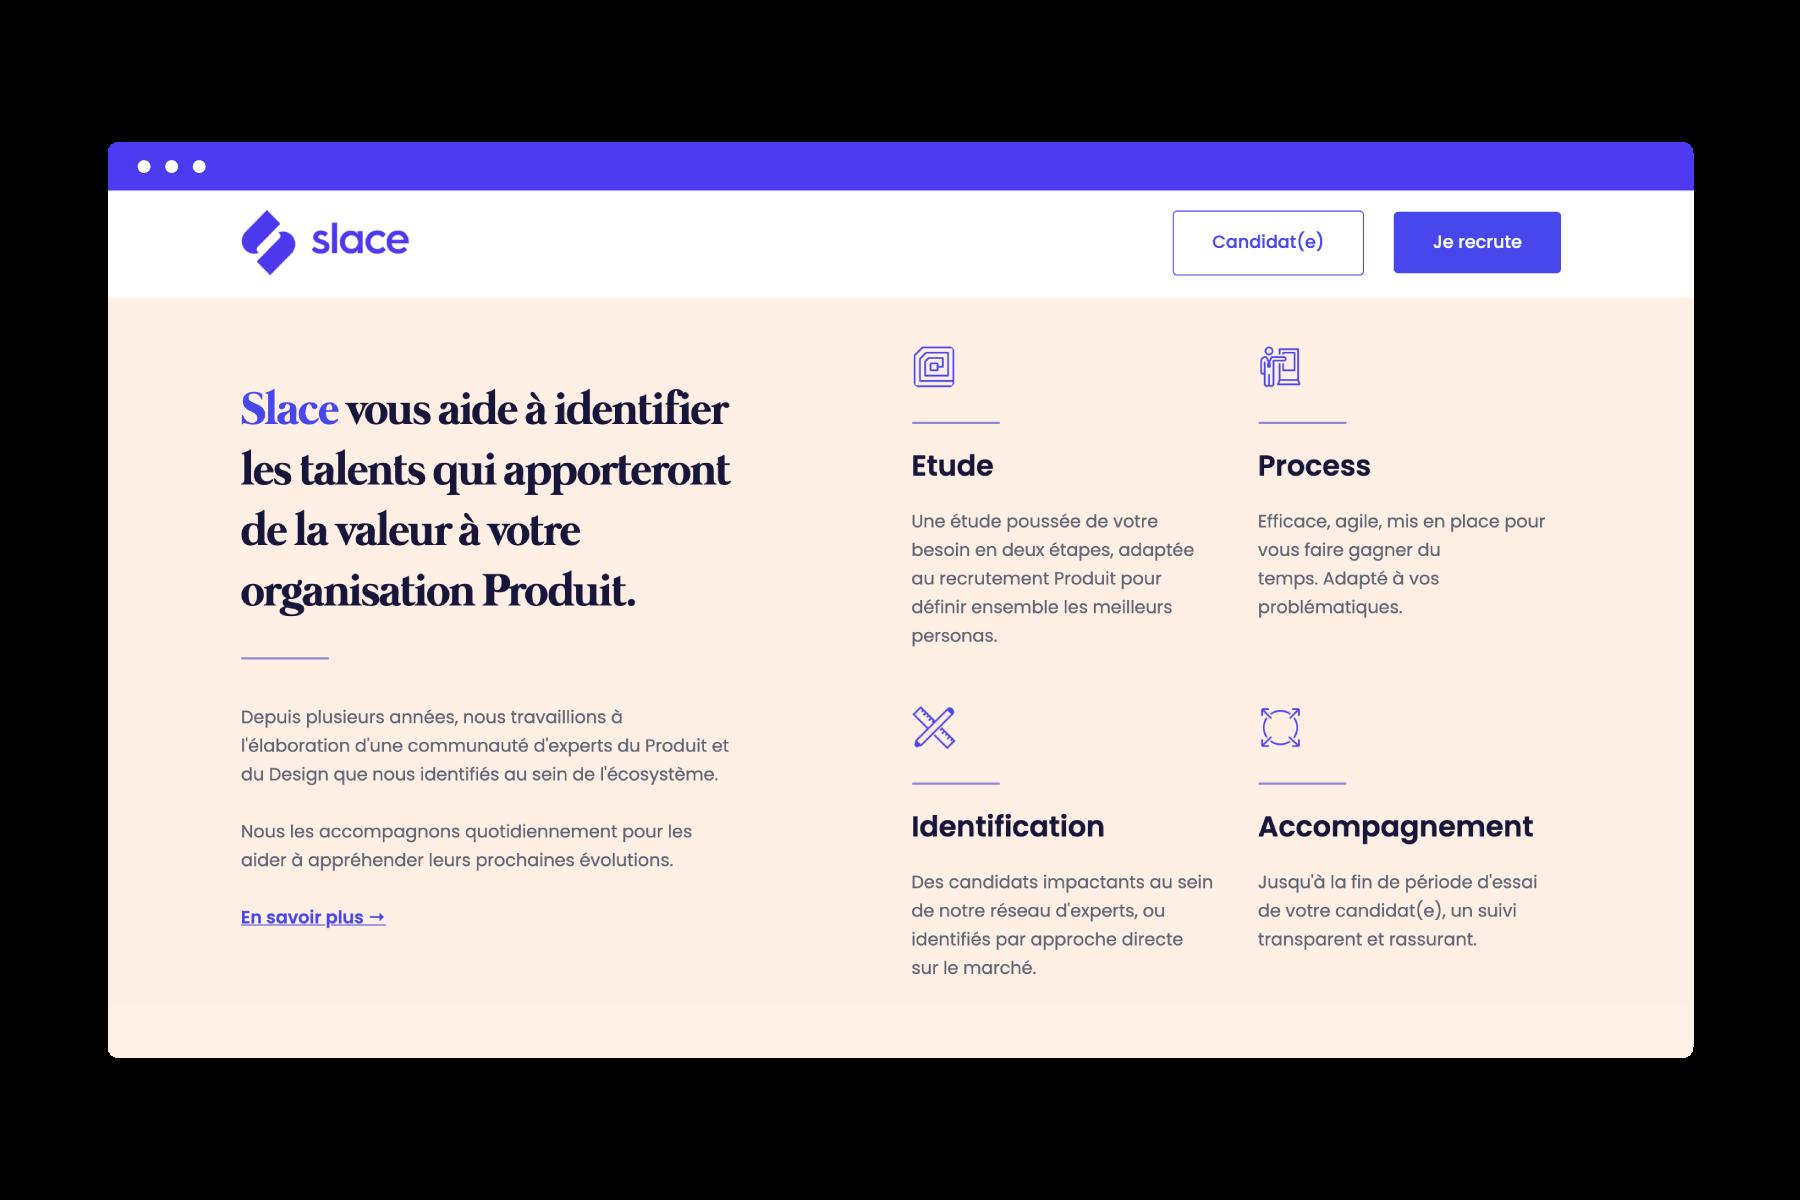 Slace website homepage design